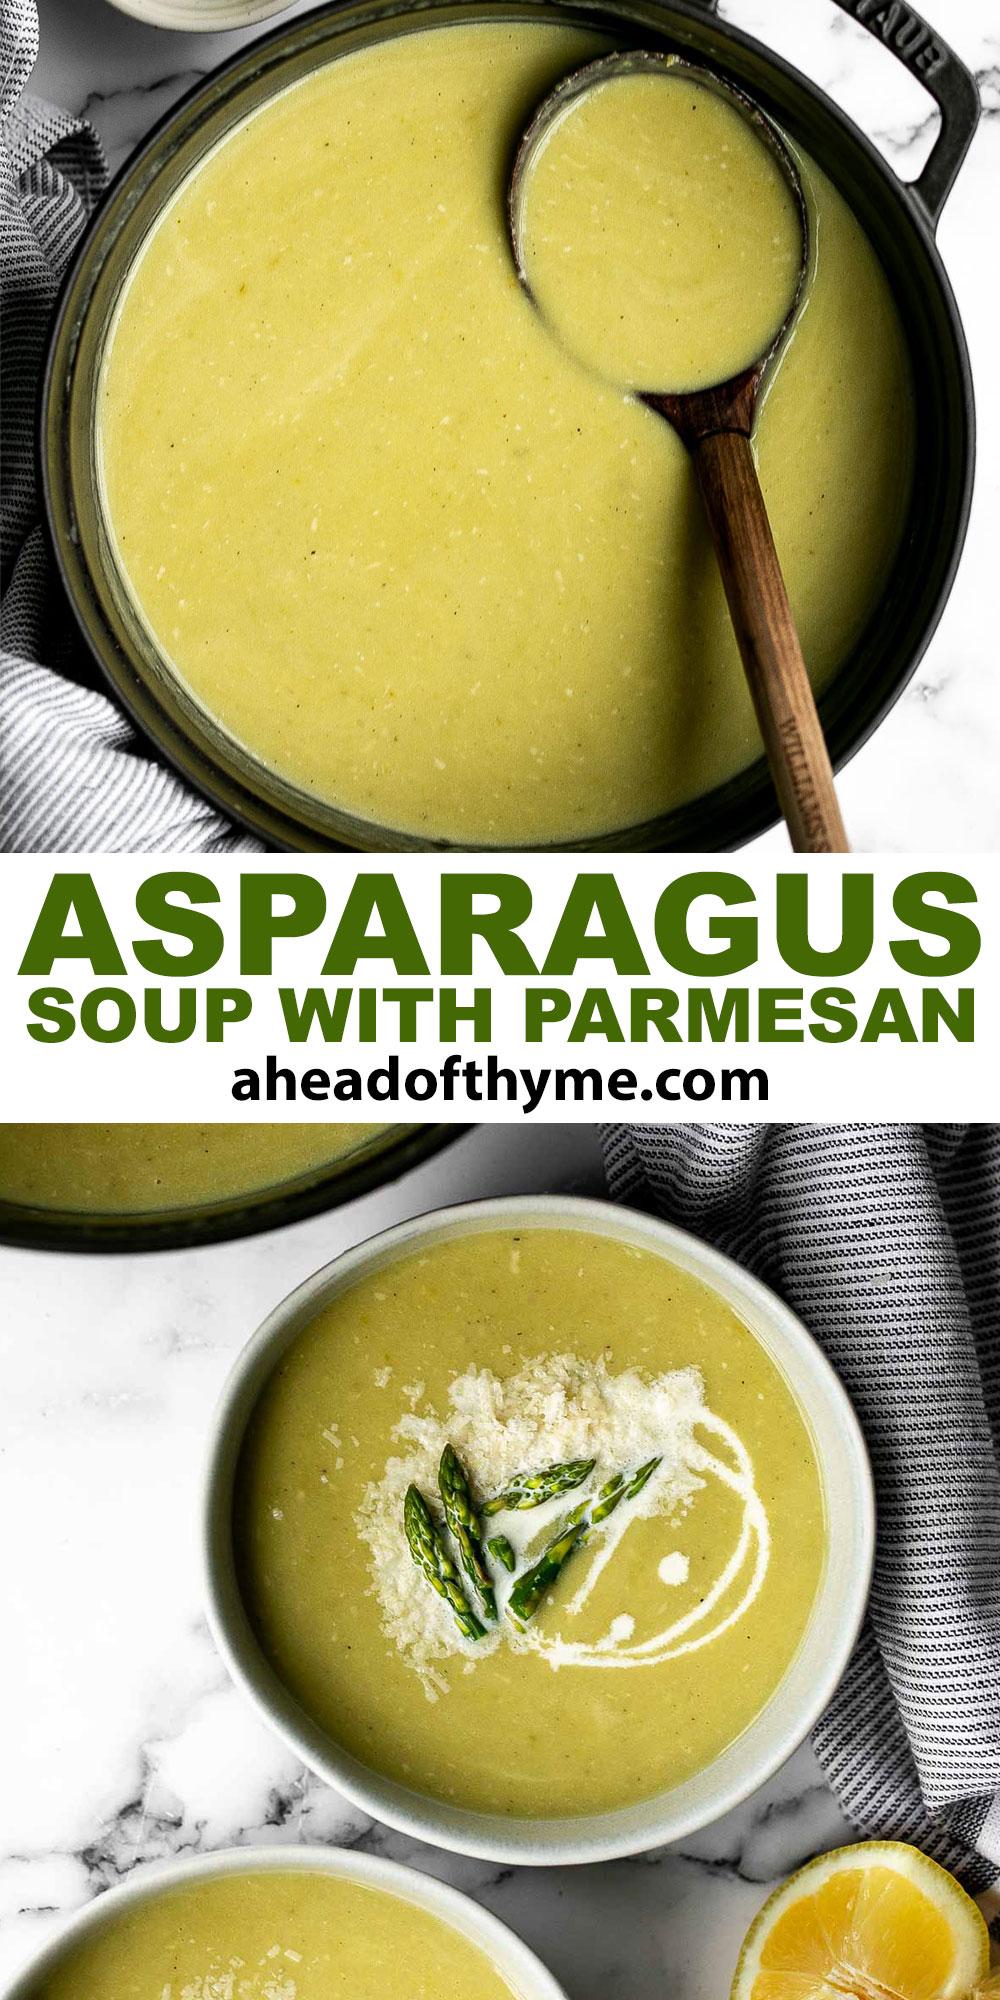 Lemon Asparagus Soup with Parmesan